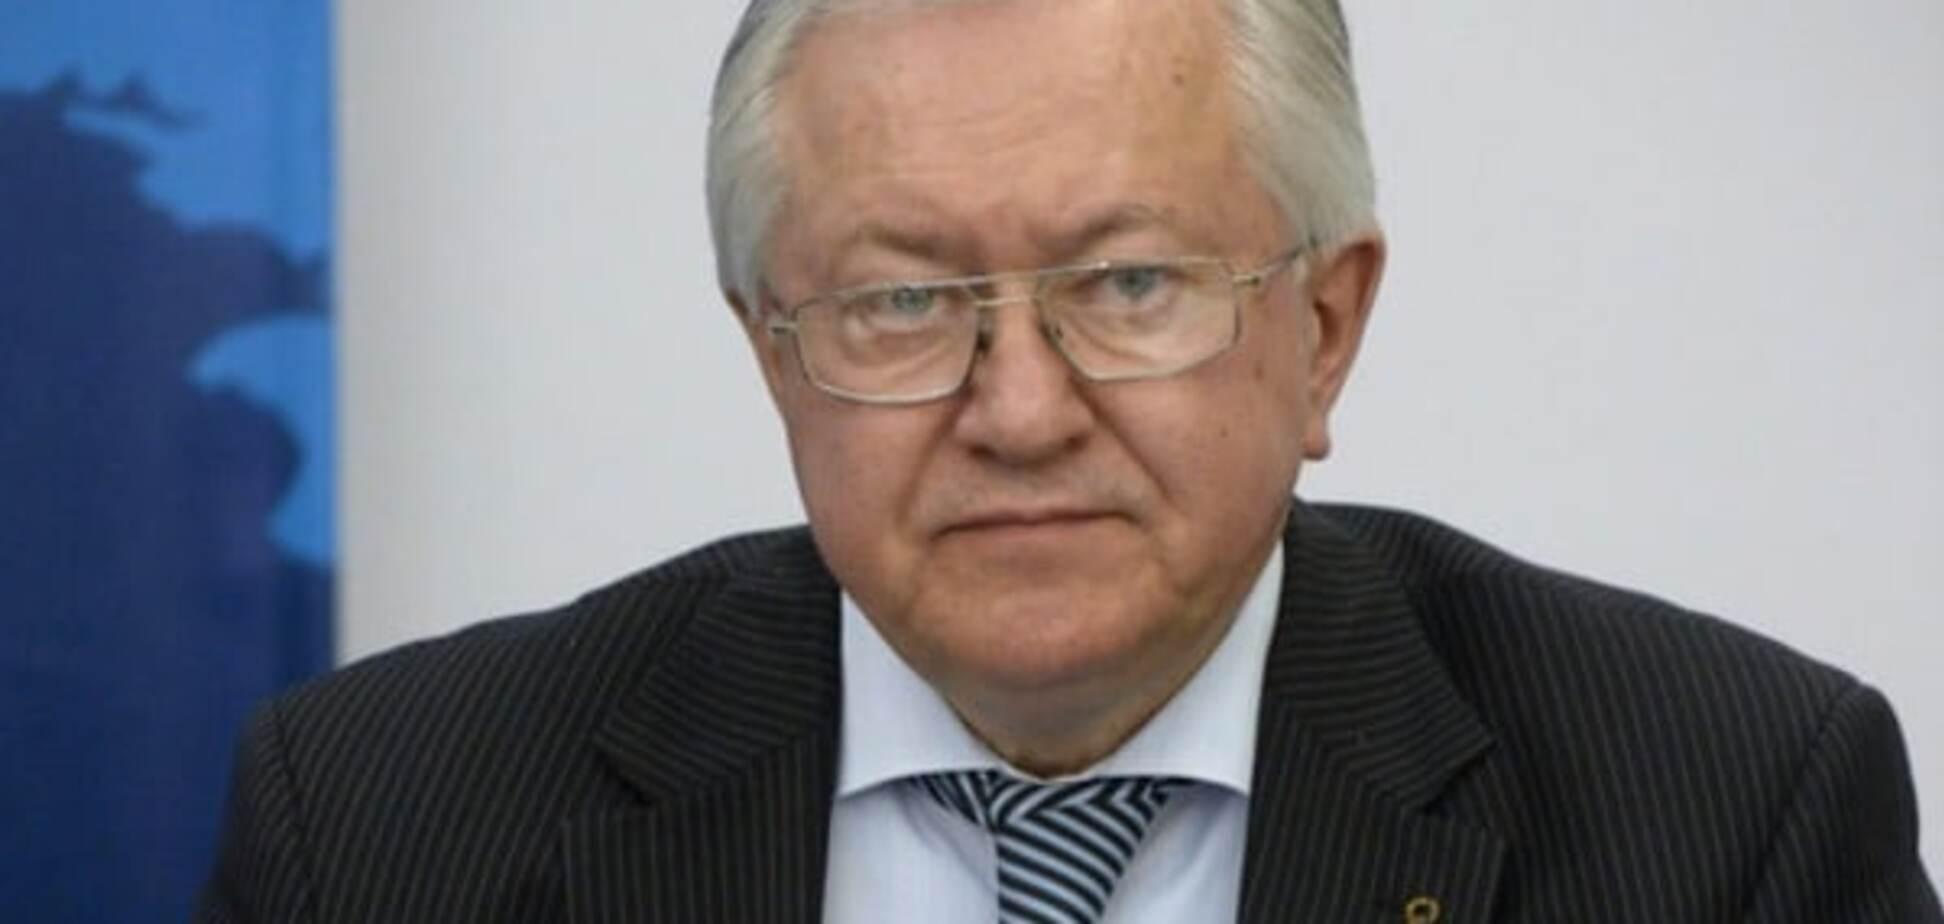 Жити власним розумом: Тарасюк назвав дві цілі візиту європейських міністрів у Київ